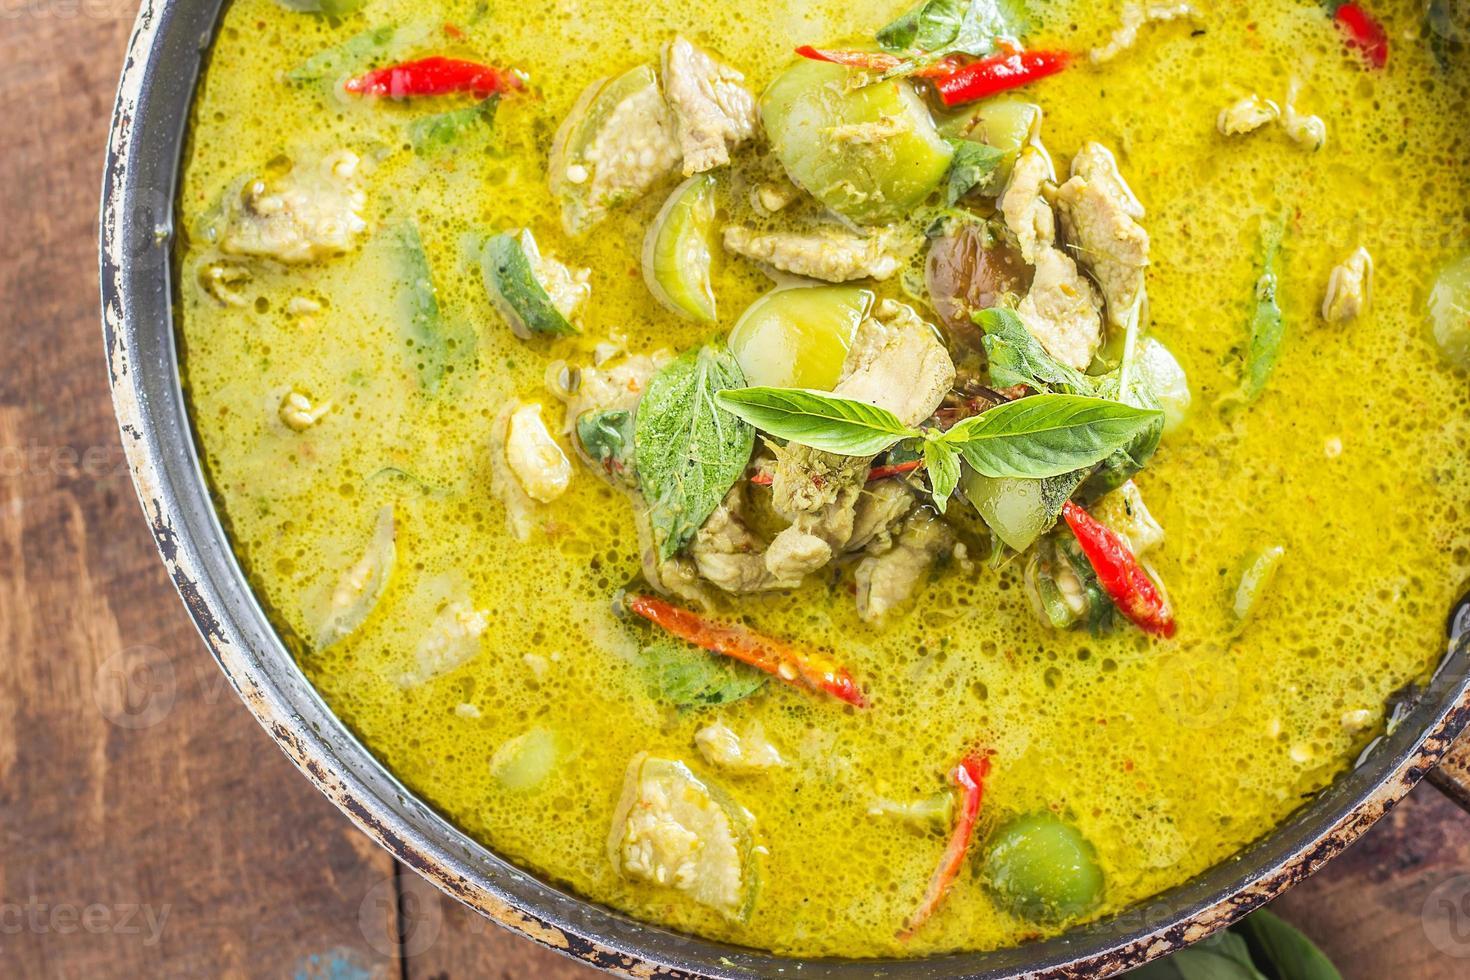 curry de porc vert, cuisine thaïlandaise photo